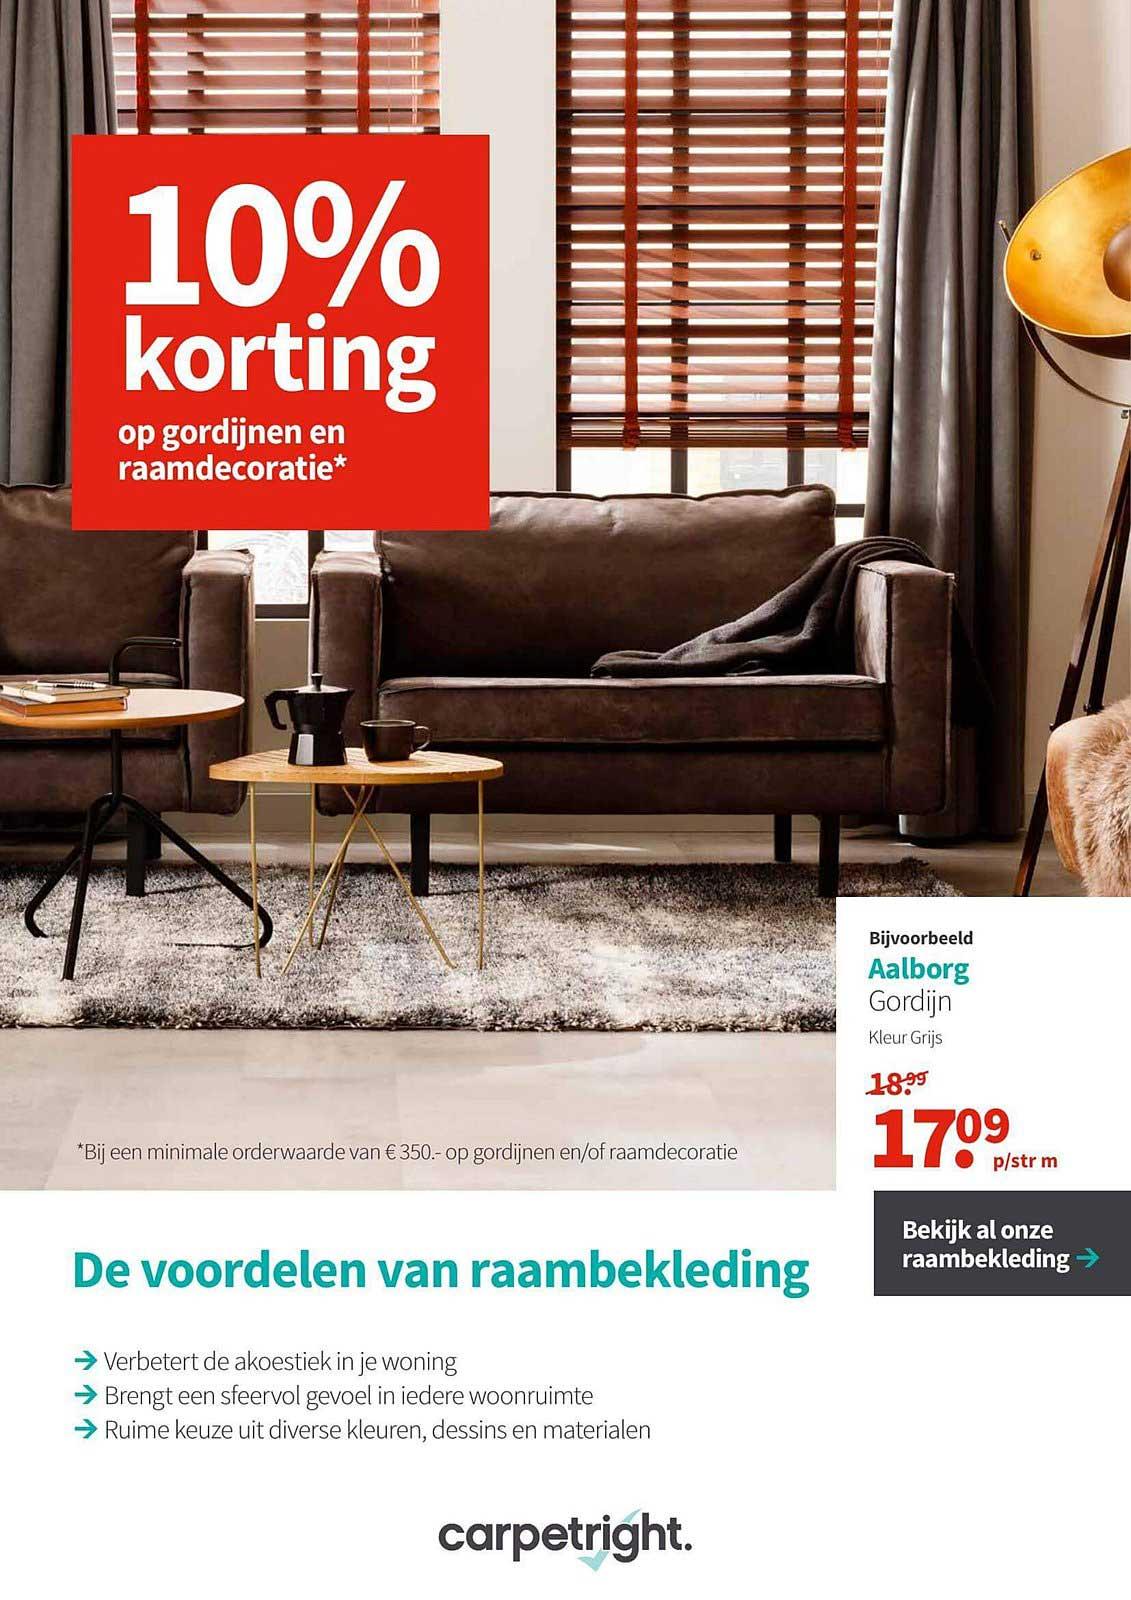 Carpetright 10% Korting Op Gordijnen En Raamdecoratie